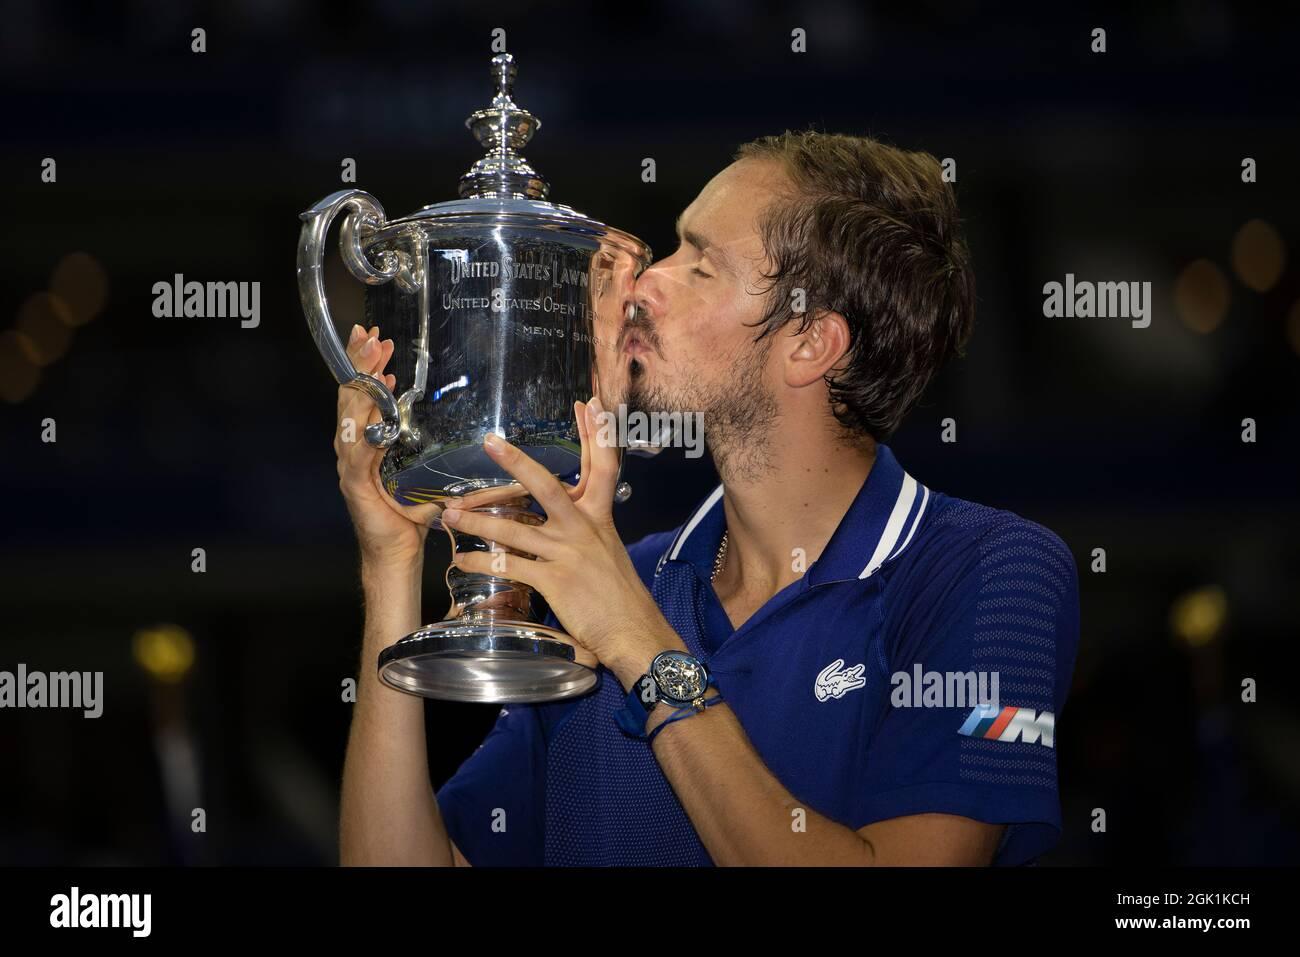 New York, USA, 12 Settembre, 2021 Daniil Medvedev (RUS) bacia il trofeo dopo aver vinto la finale maschile contro Novak Djokovic (SRB) il giorno 14 al 2021 US Open. Credit: Susan Mullane Credit: Susan Mullane/Alamy Live News Foto Stock